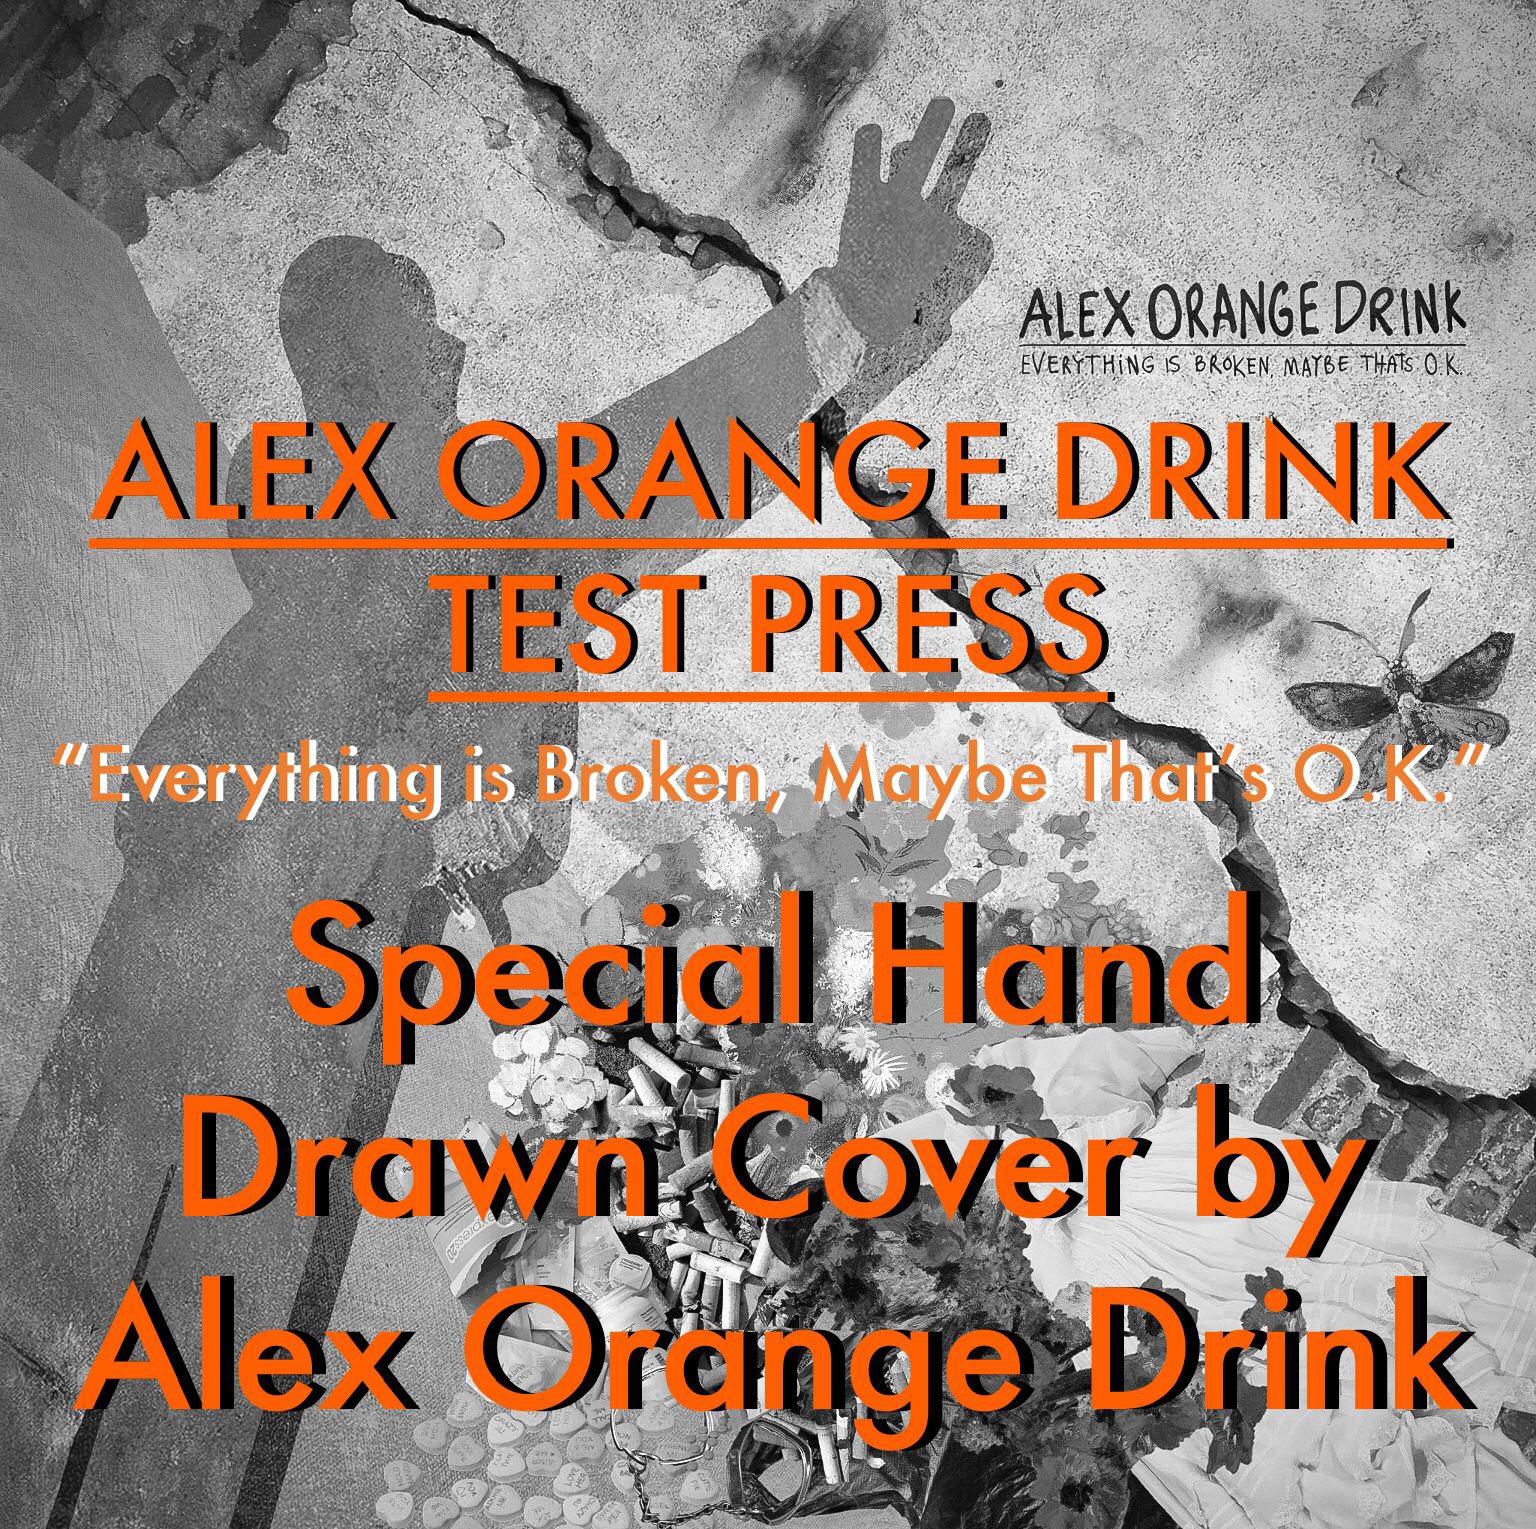 Alex Orange Drink